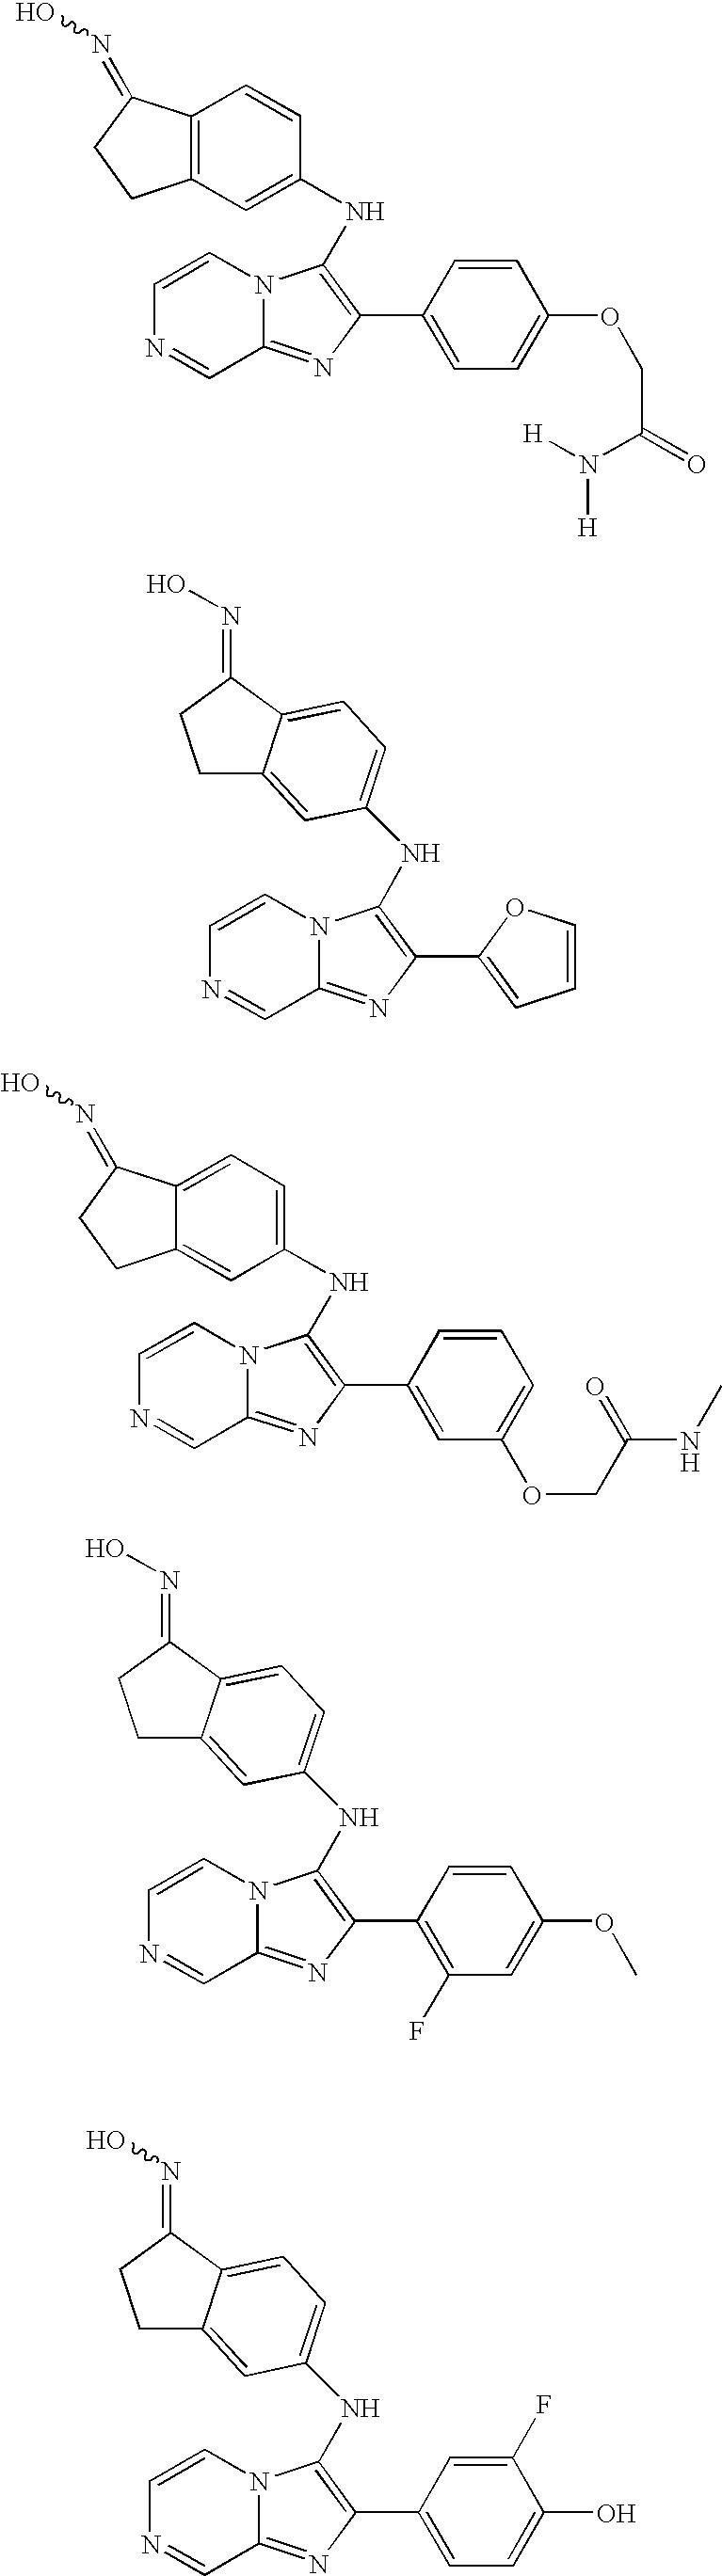 Figure US07566716-20090728-C00139